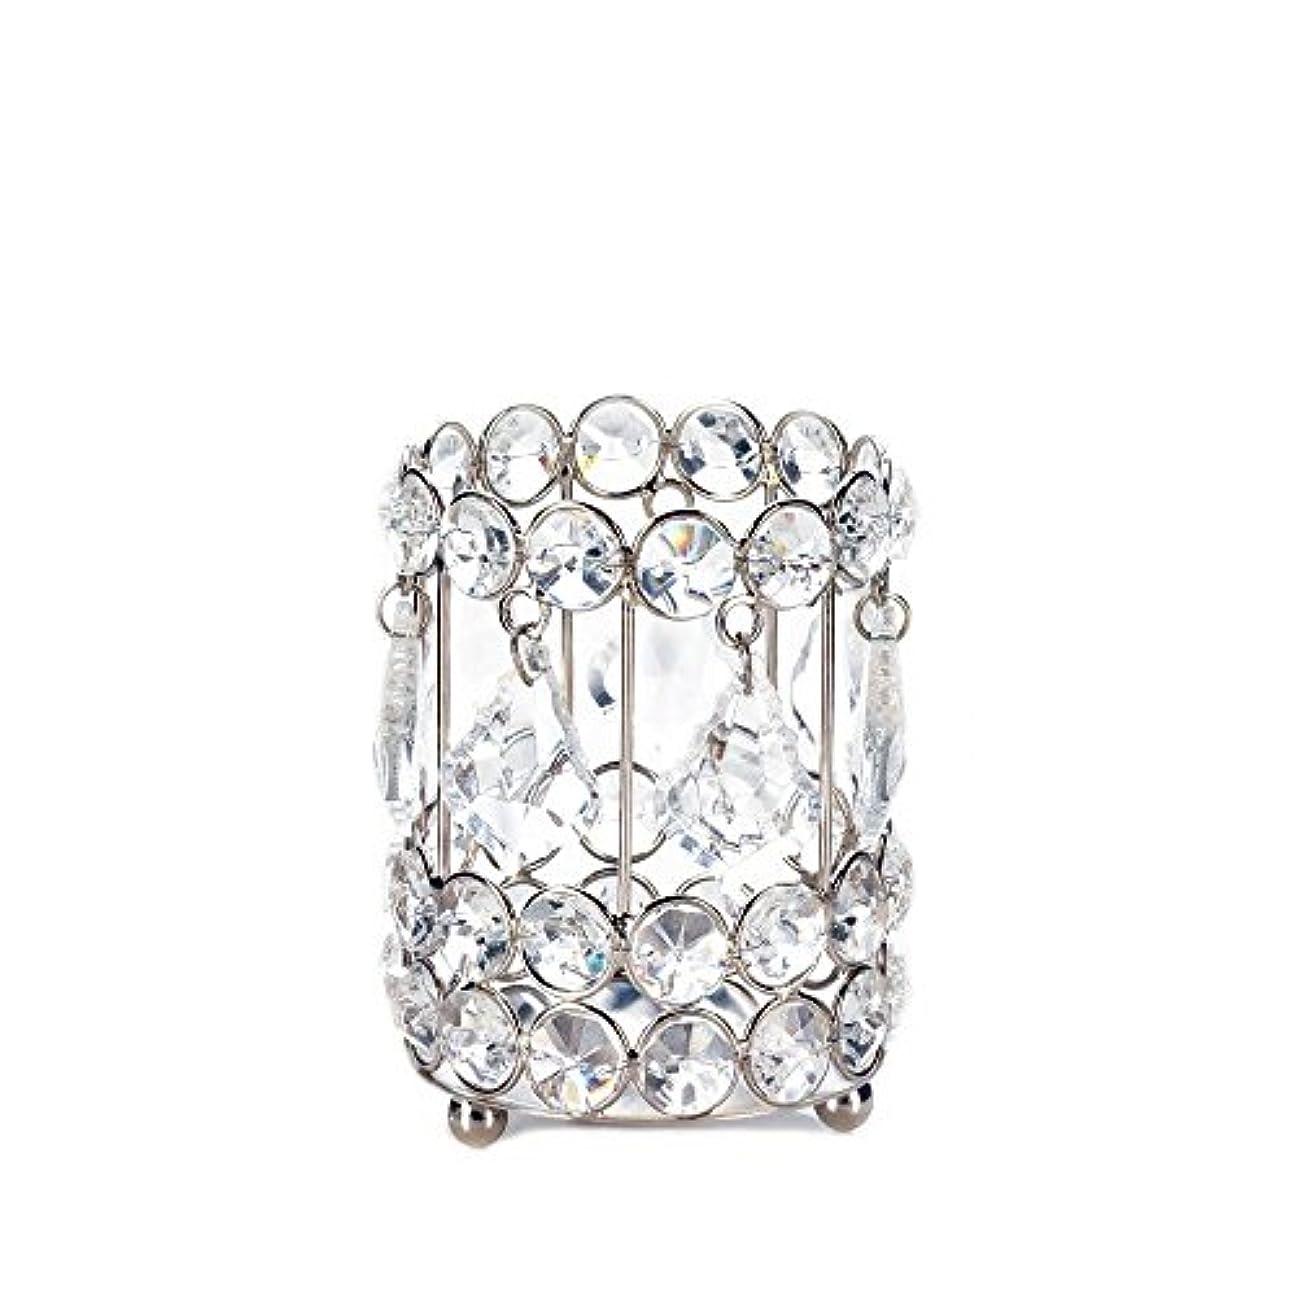 実質的センター広範囲にGallery of Light 10018136 Super Bling Crystal Drops Candle Holder - 4 in.